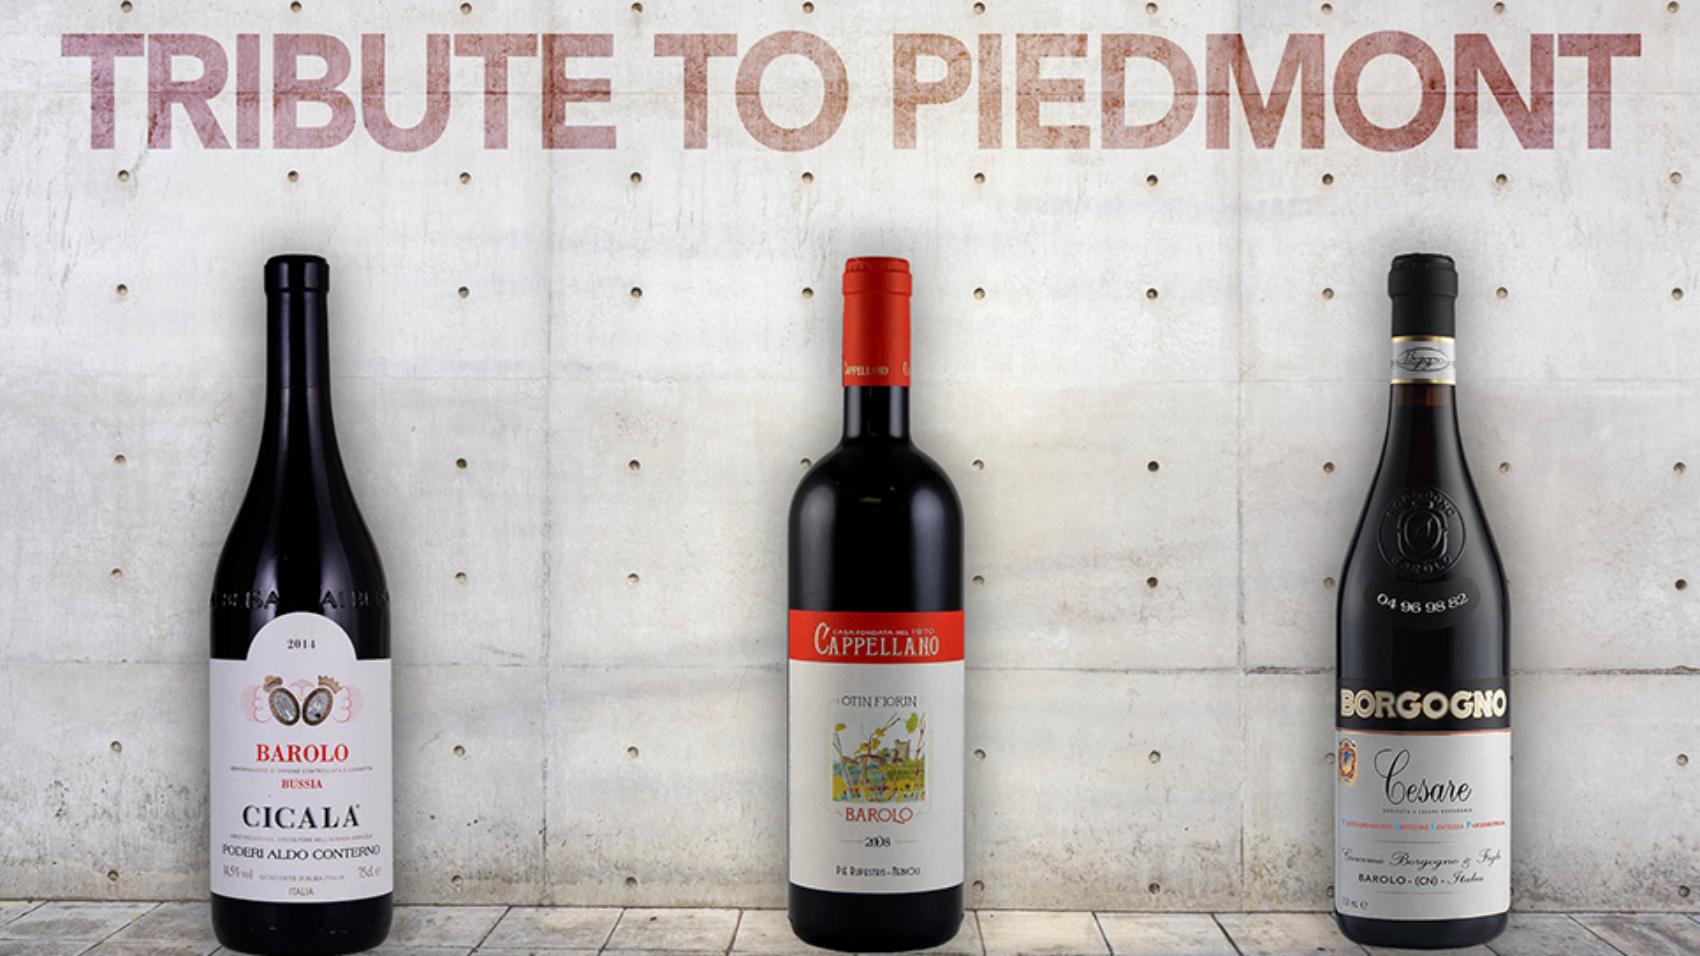 3 barolo da mito | Tributo al Piemonte